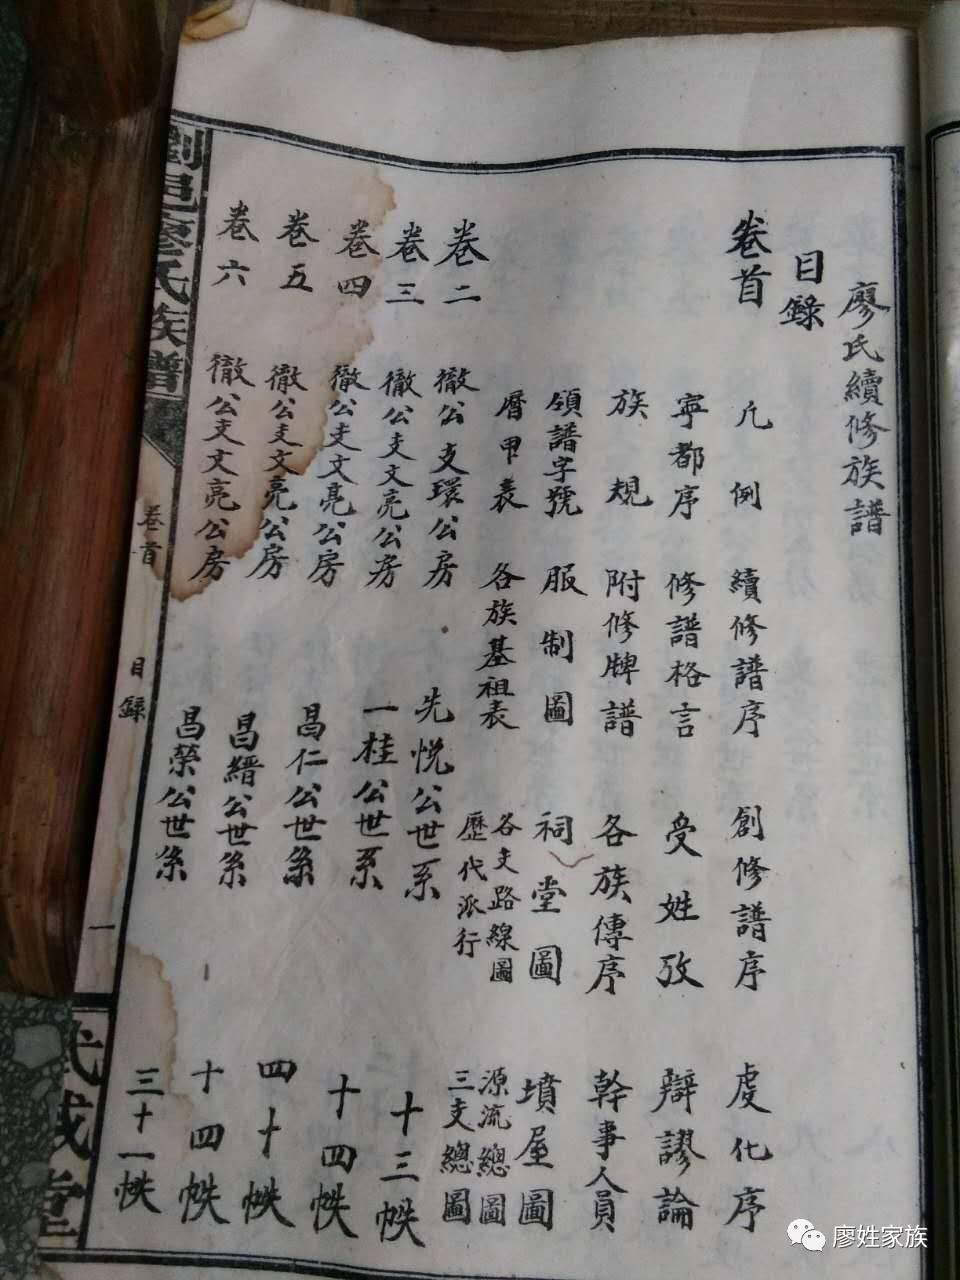 湖南廖氏花公系族谱图片